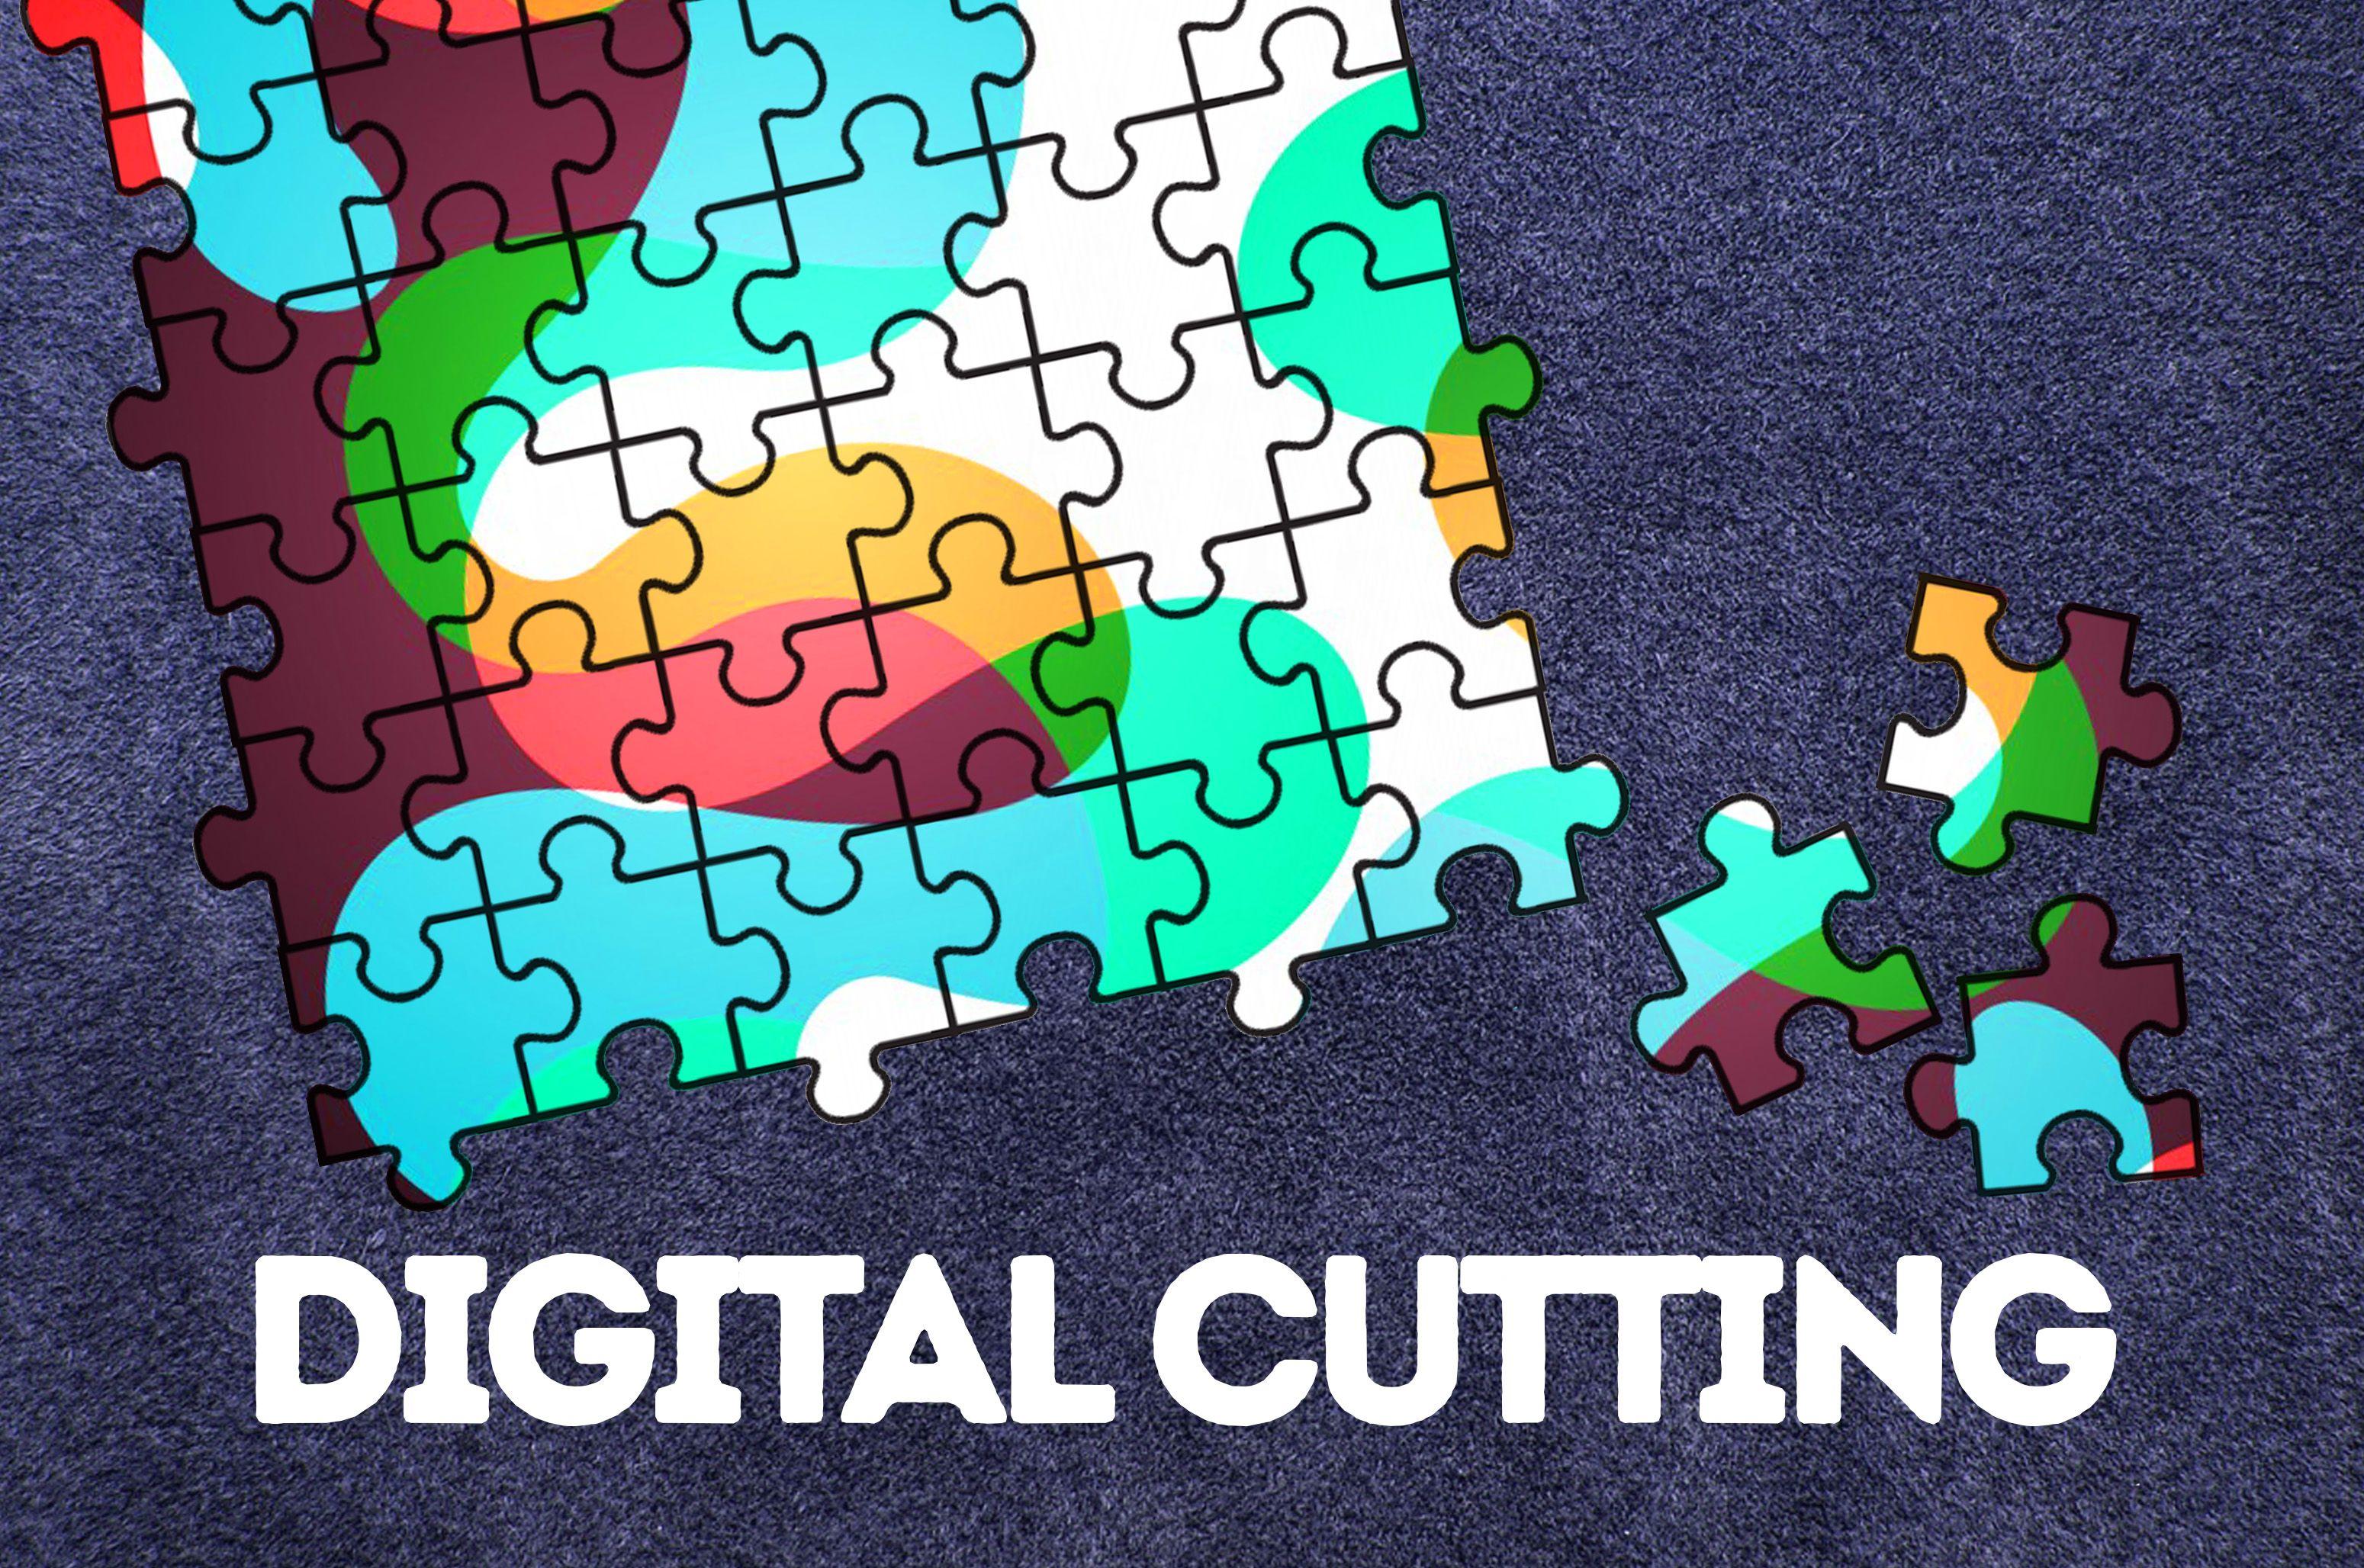 Digital Cutting